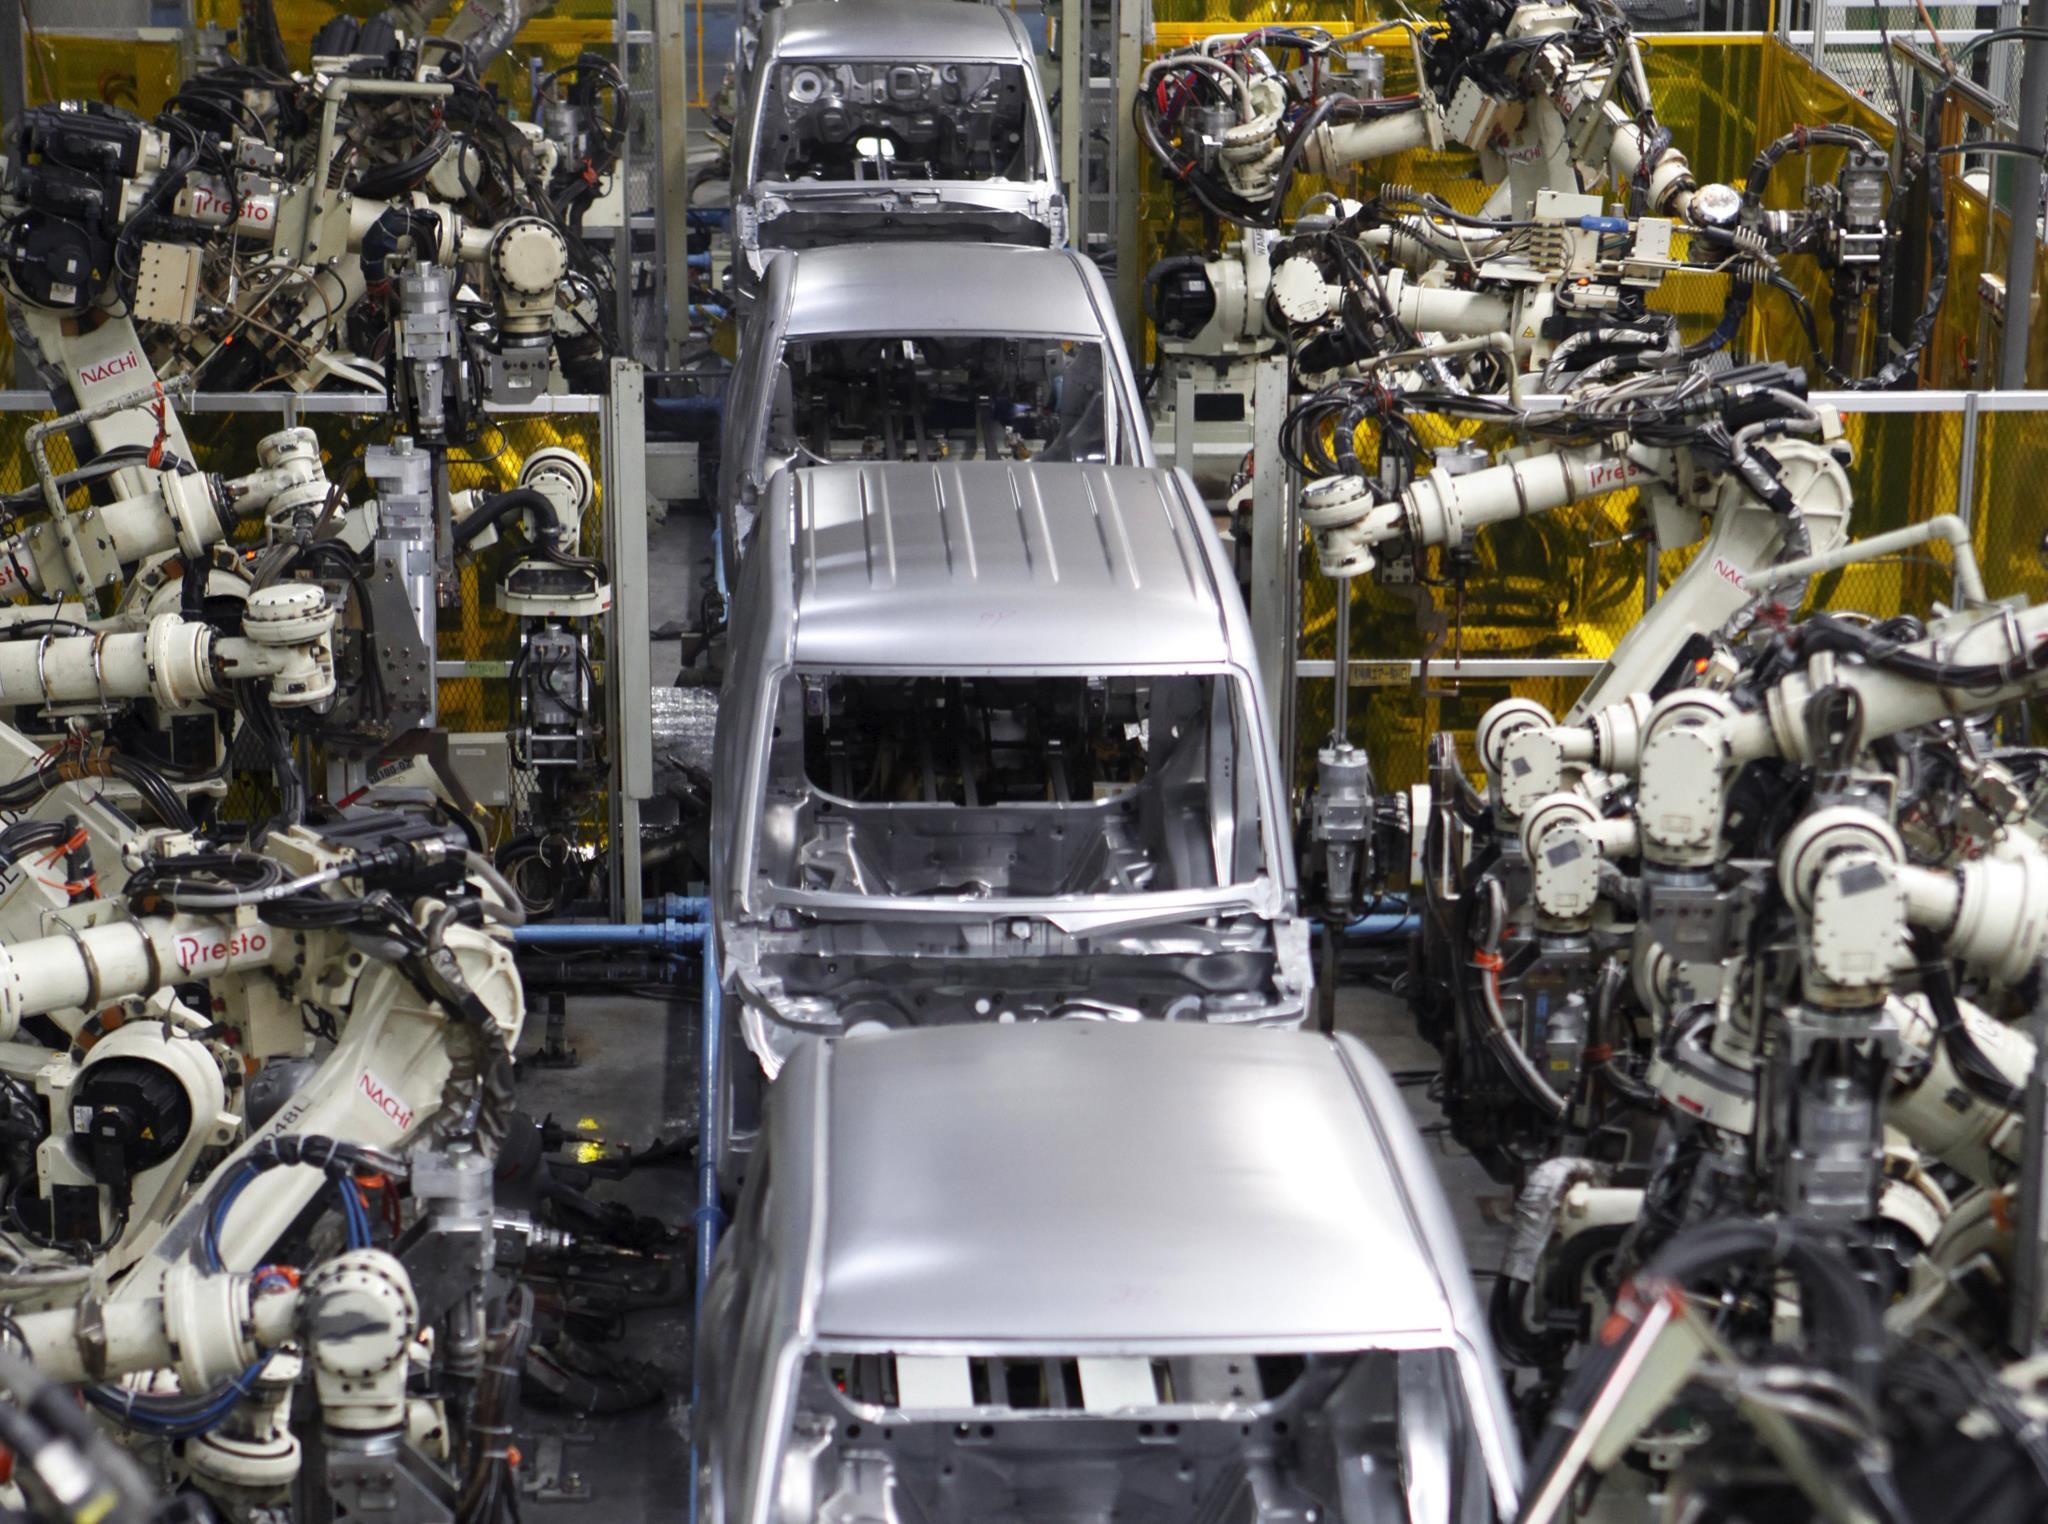 PÚBLICO - O problema não são os robôs, o problema é a política